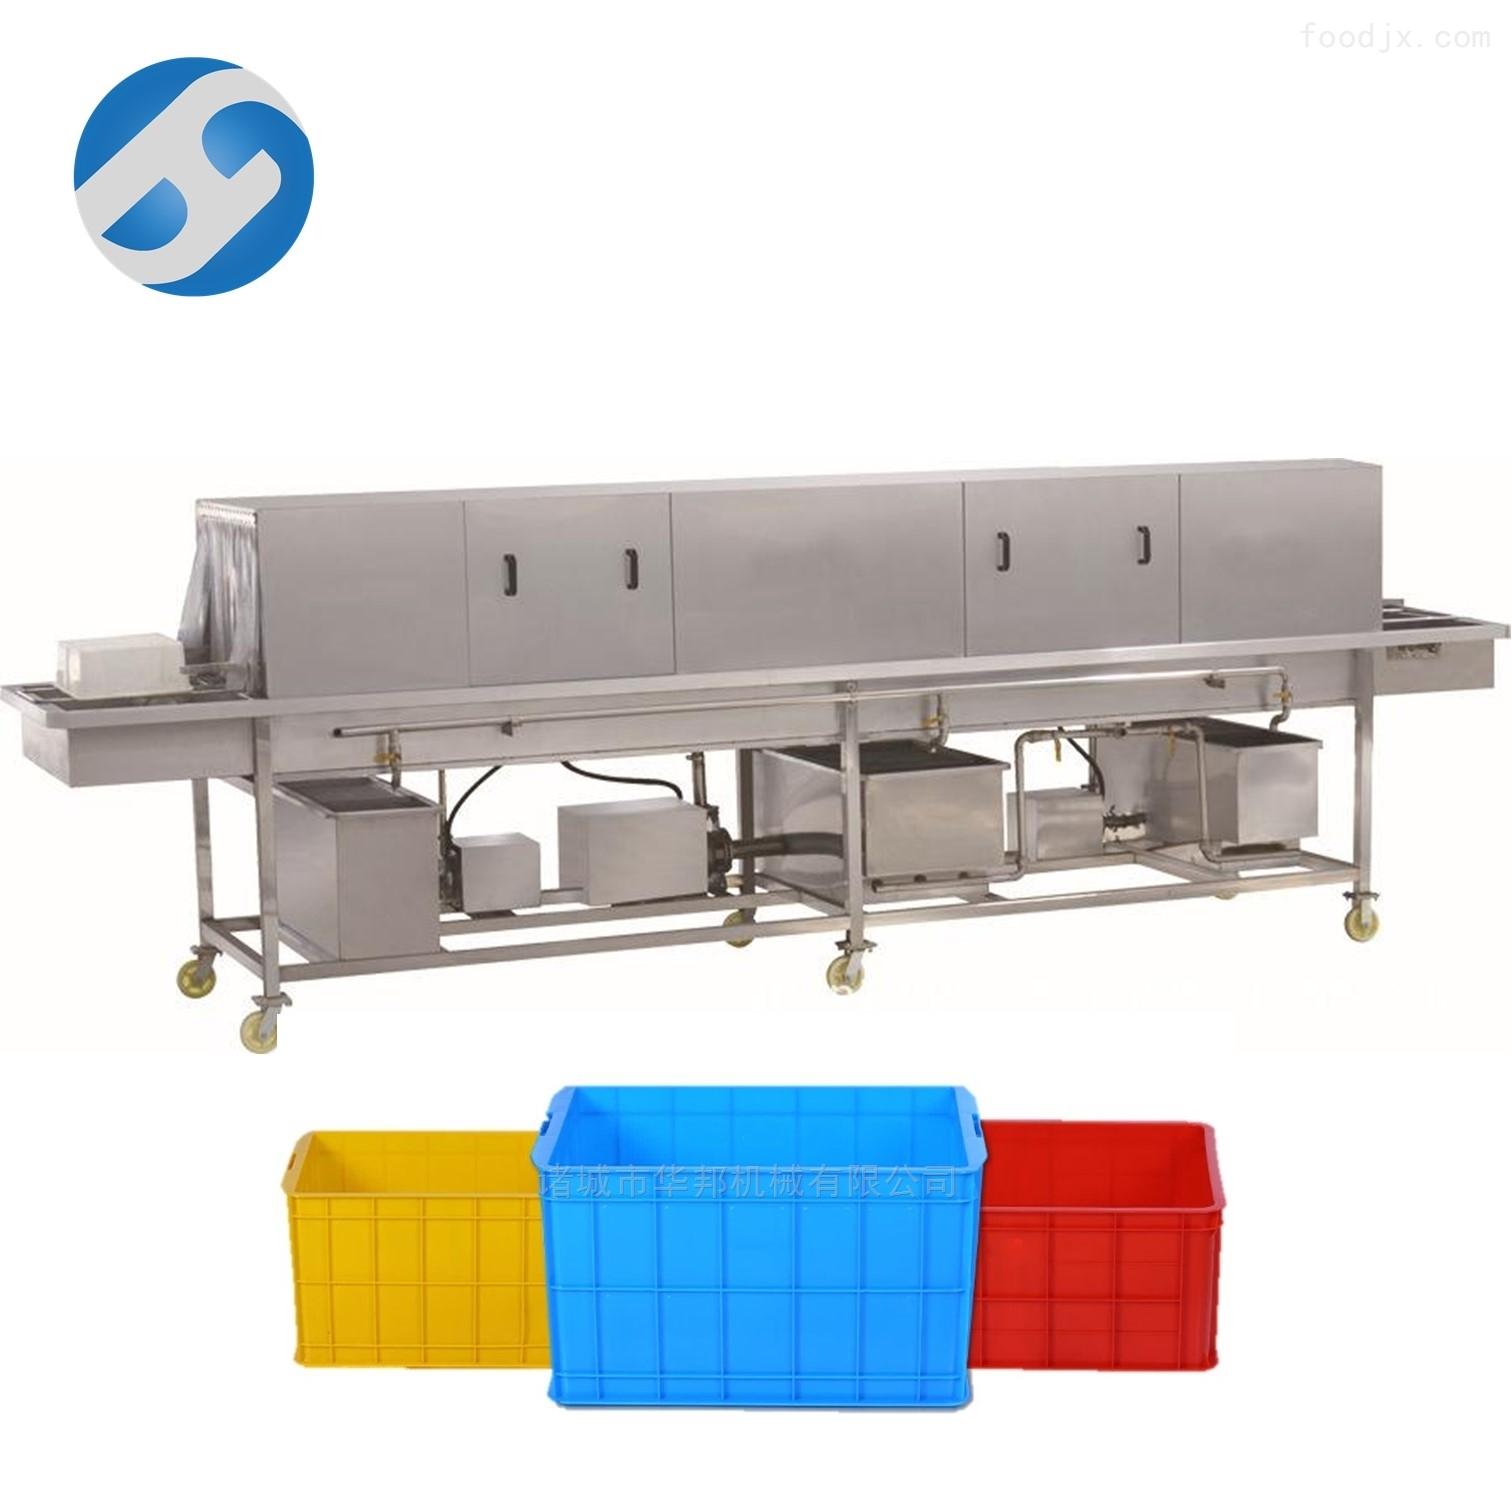 周转筐清洗机 专业洗筐机 设备性能稳定可靠